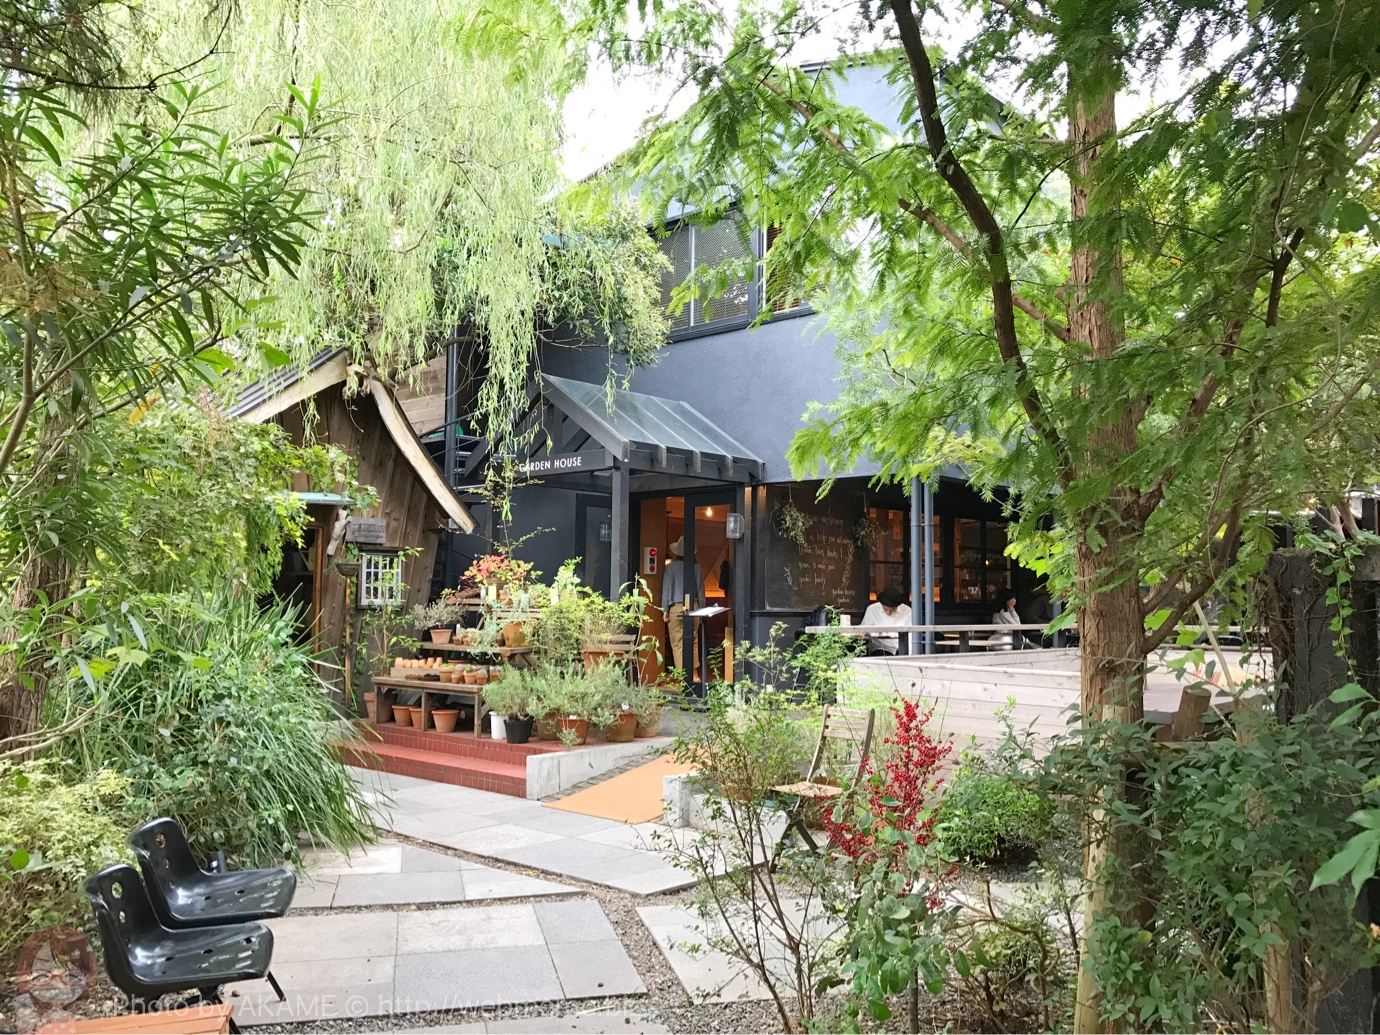 鎌倉の隠れカフェ「ガーデンハウス」のお洒落さに感動!木々に囲まれた雰囲気も素敵